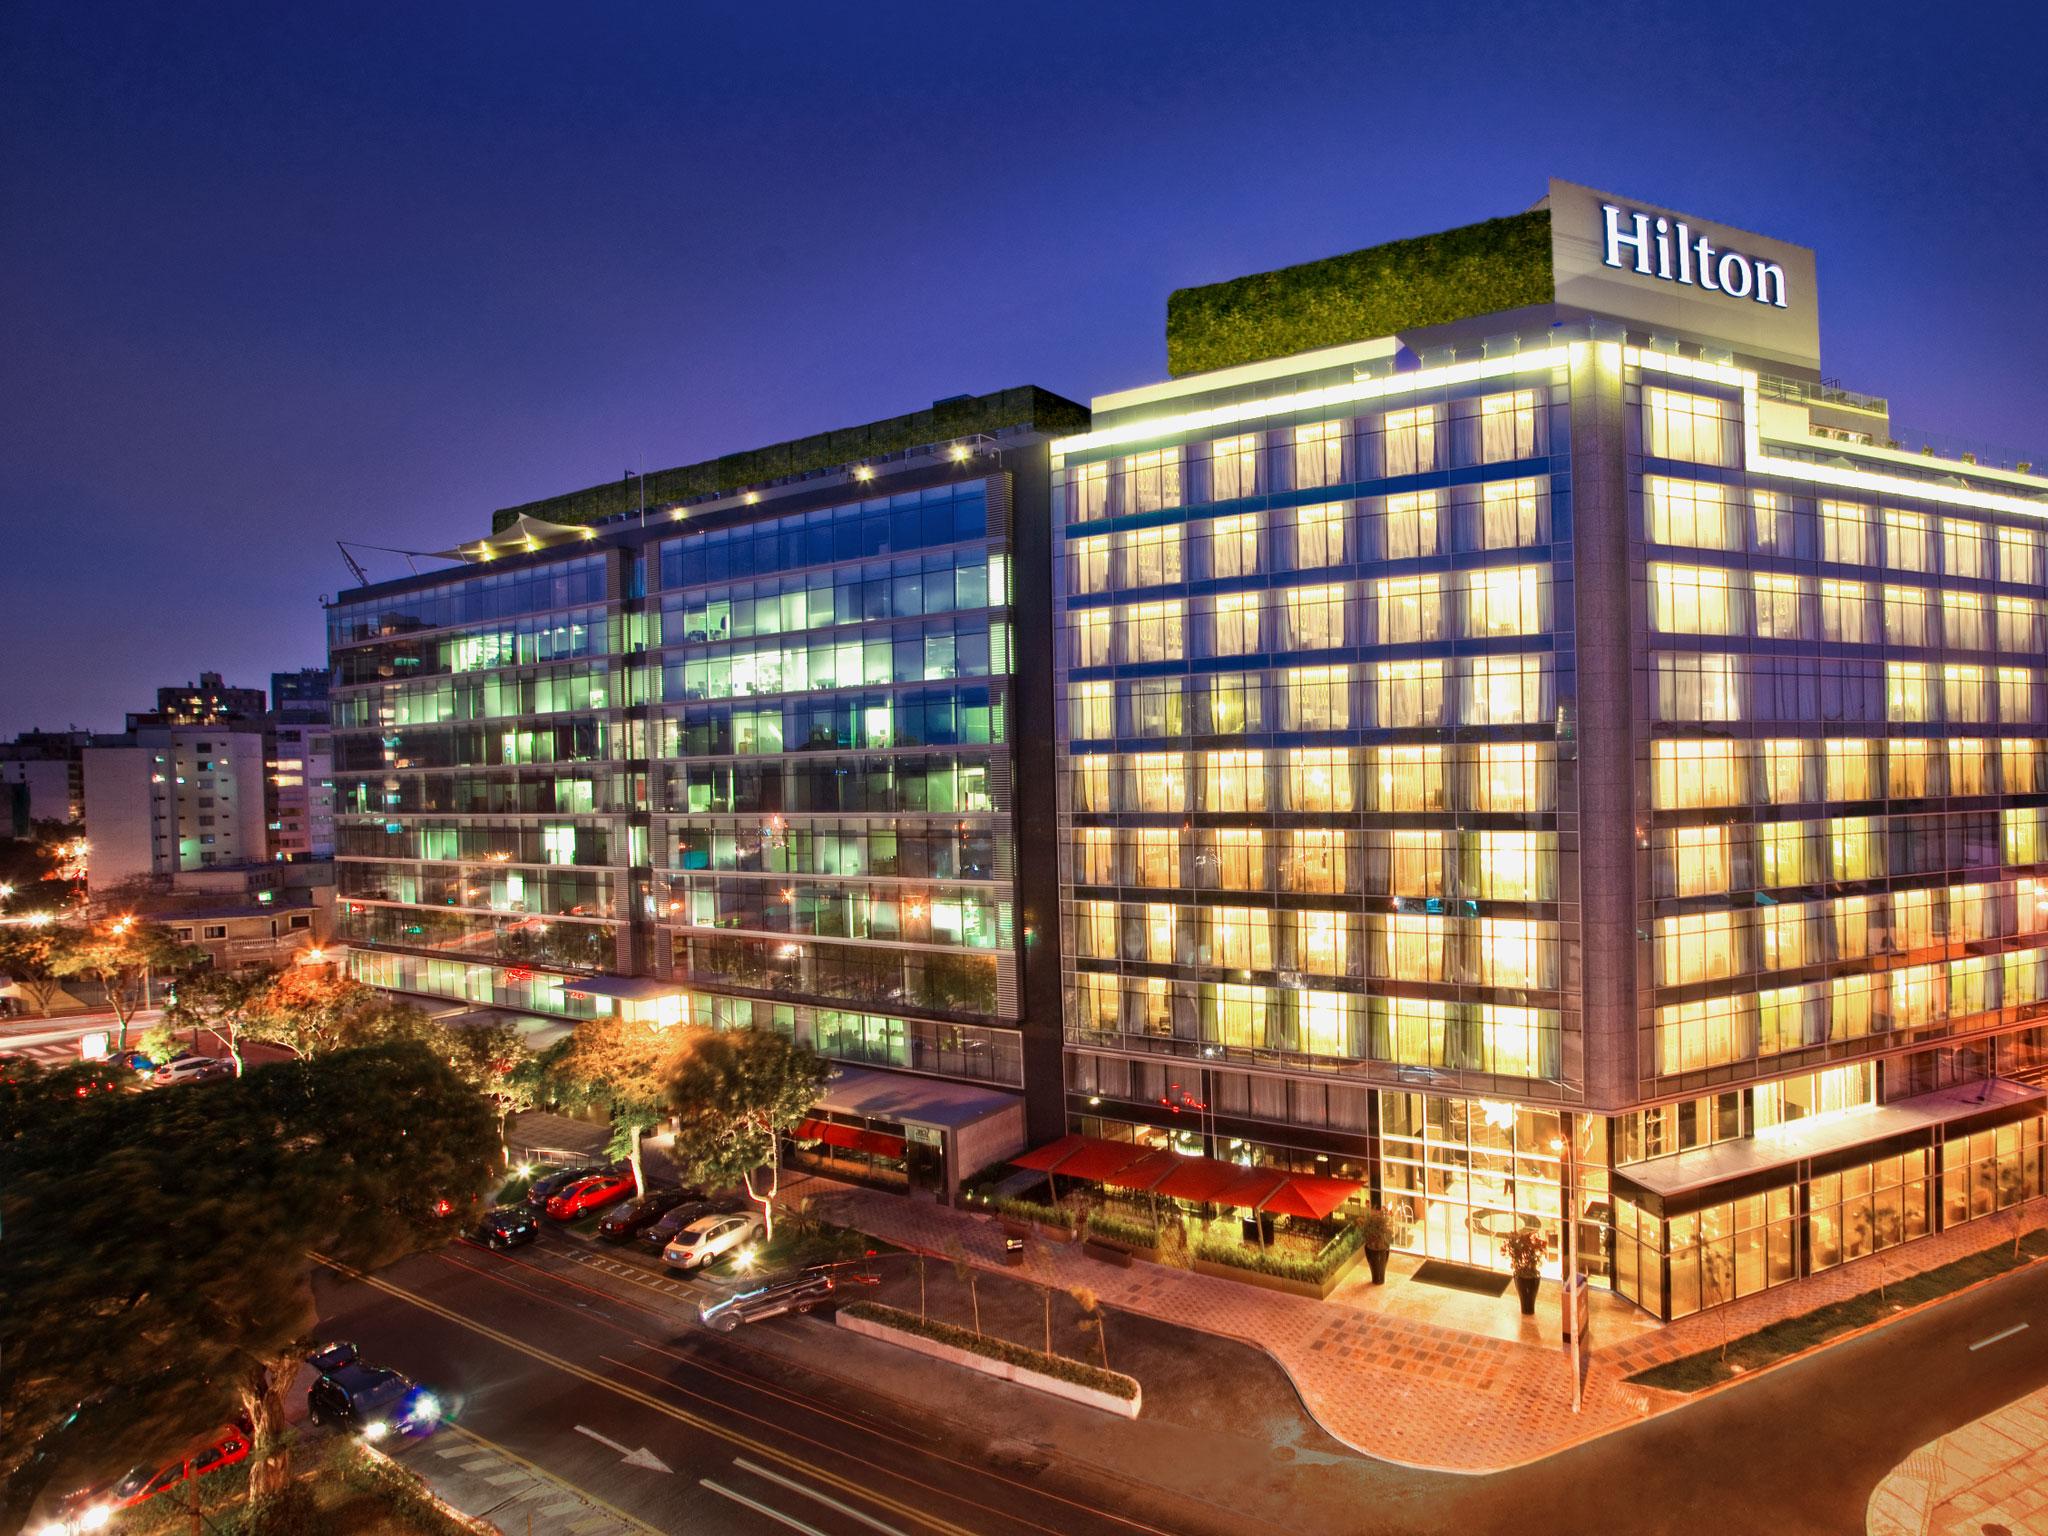 Hotel en per lima paracas hilton for Hoteles de lujo modernos